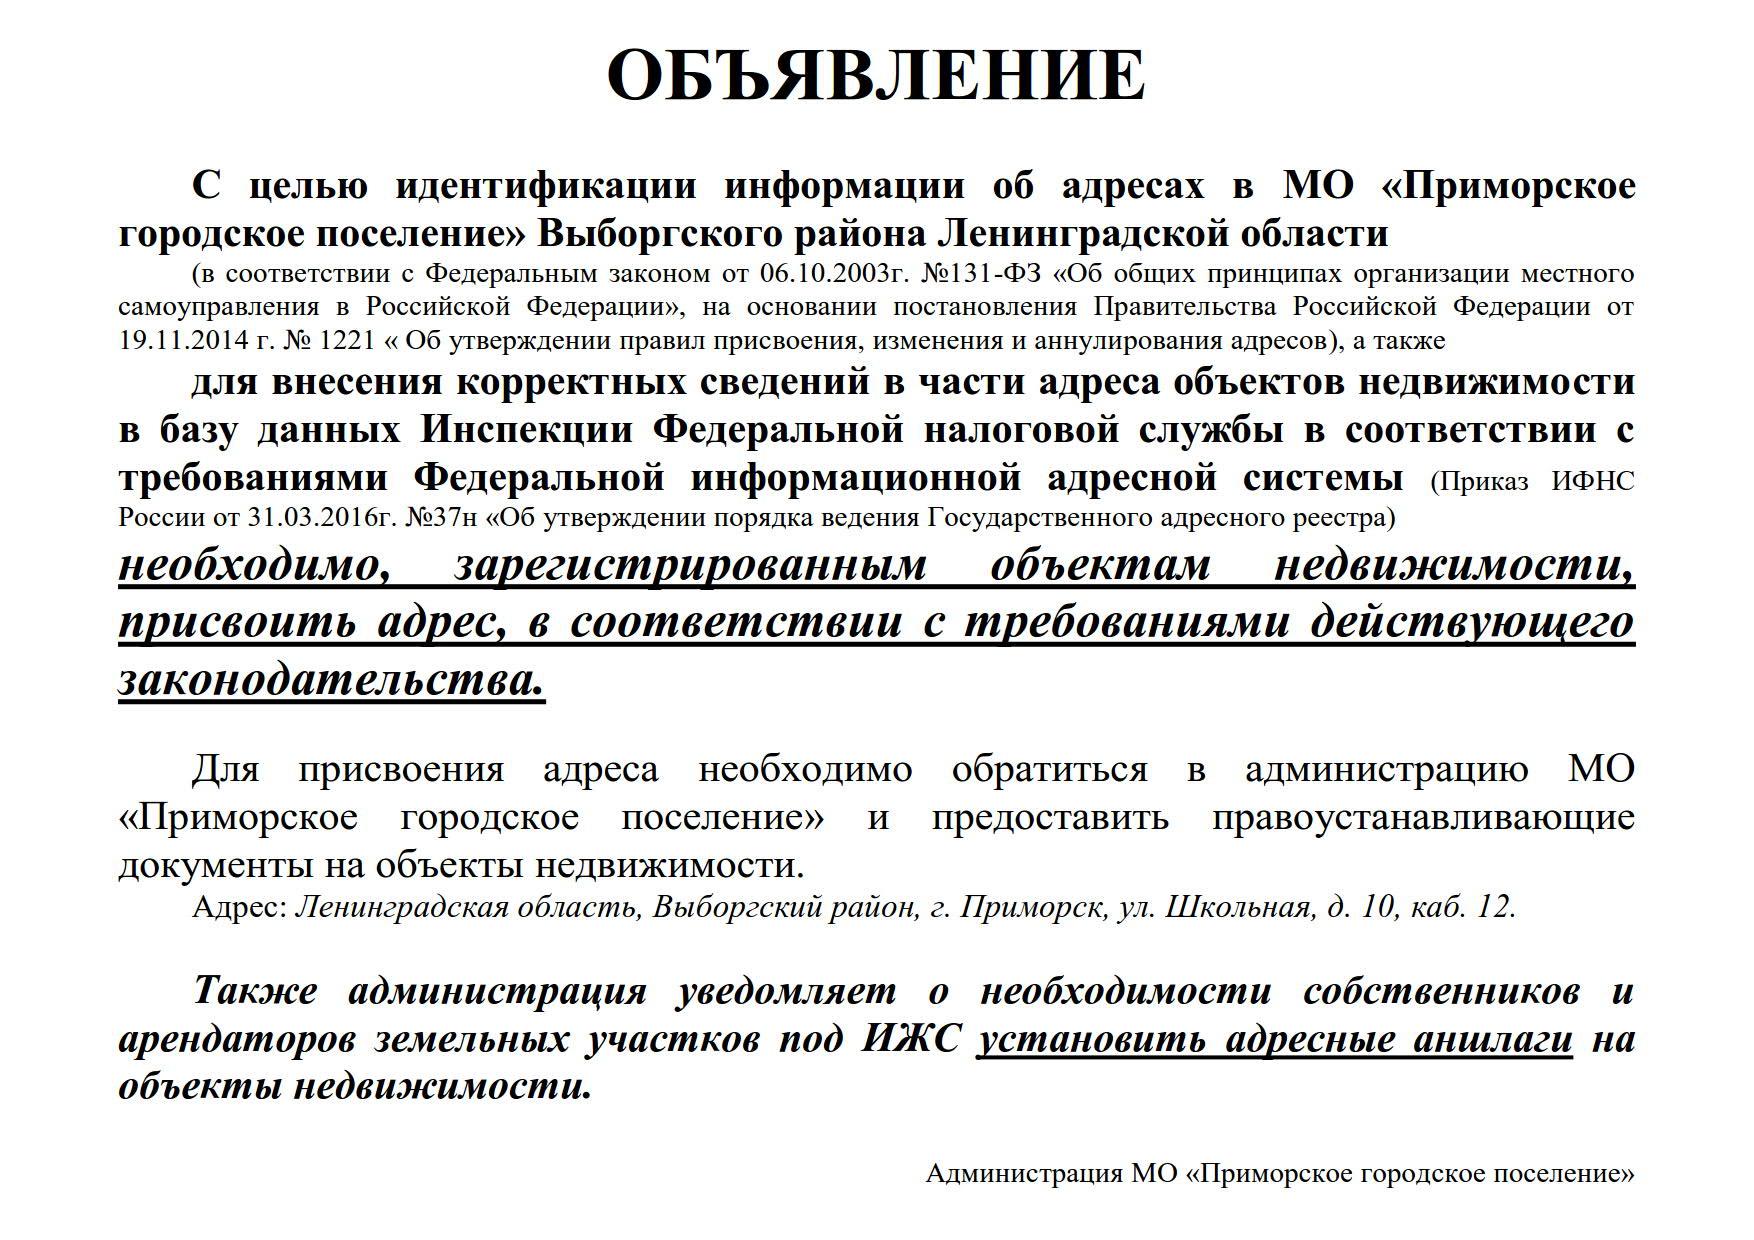 ОБЪЯВЛЕНИЕ о присвоении адресов и установке адресных аншлагов_1